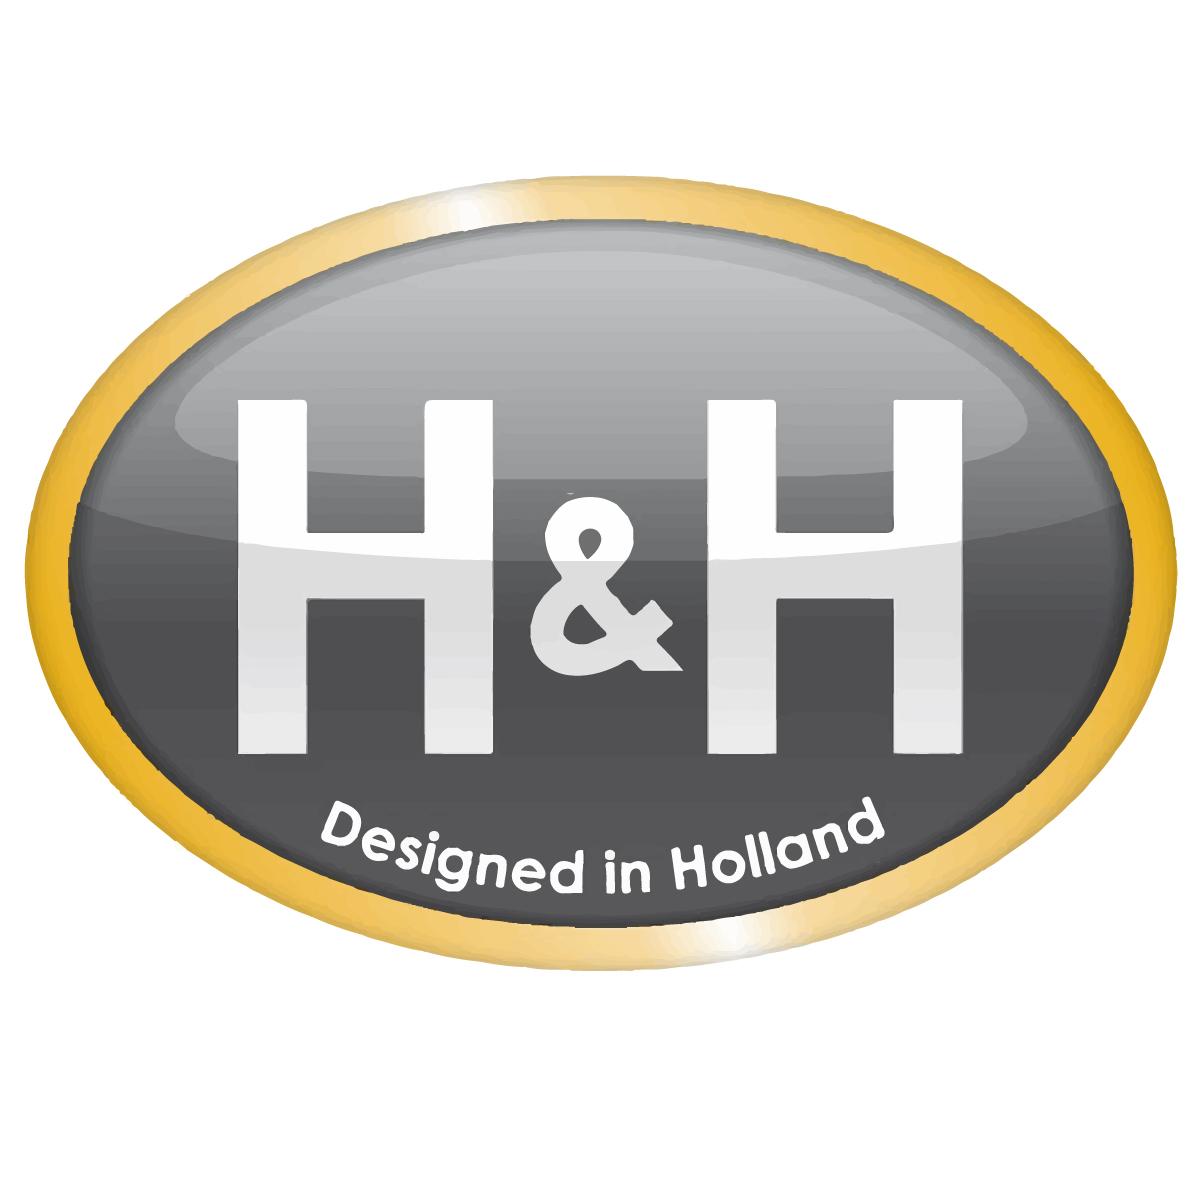 Meuble H Et H plus que pro